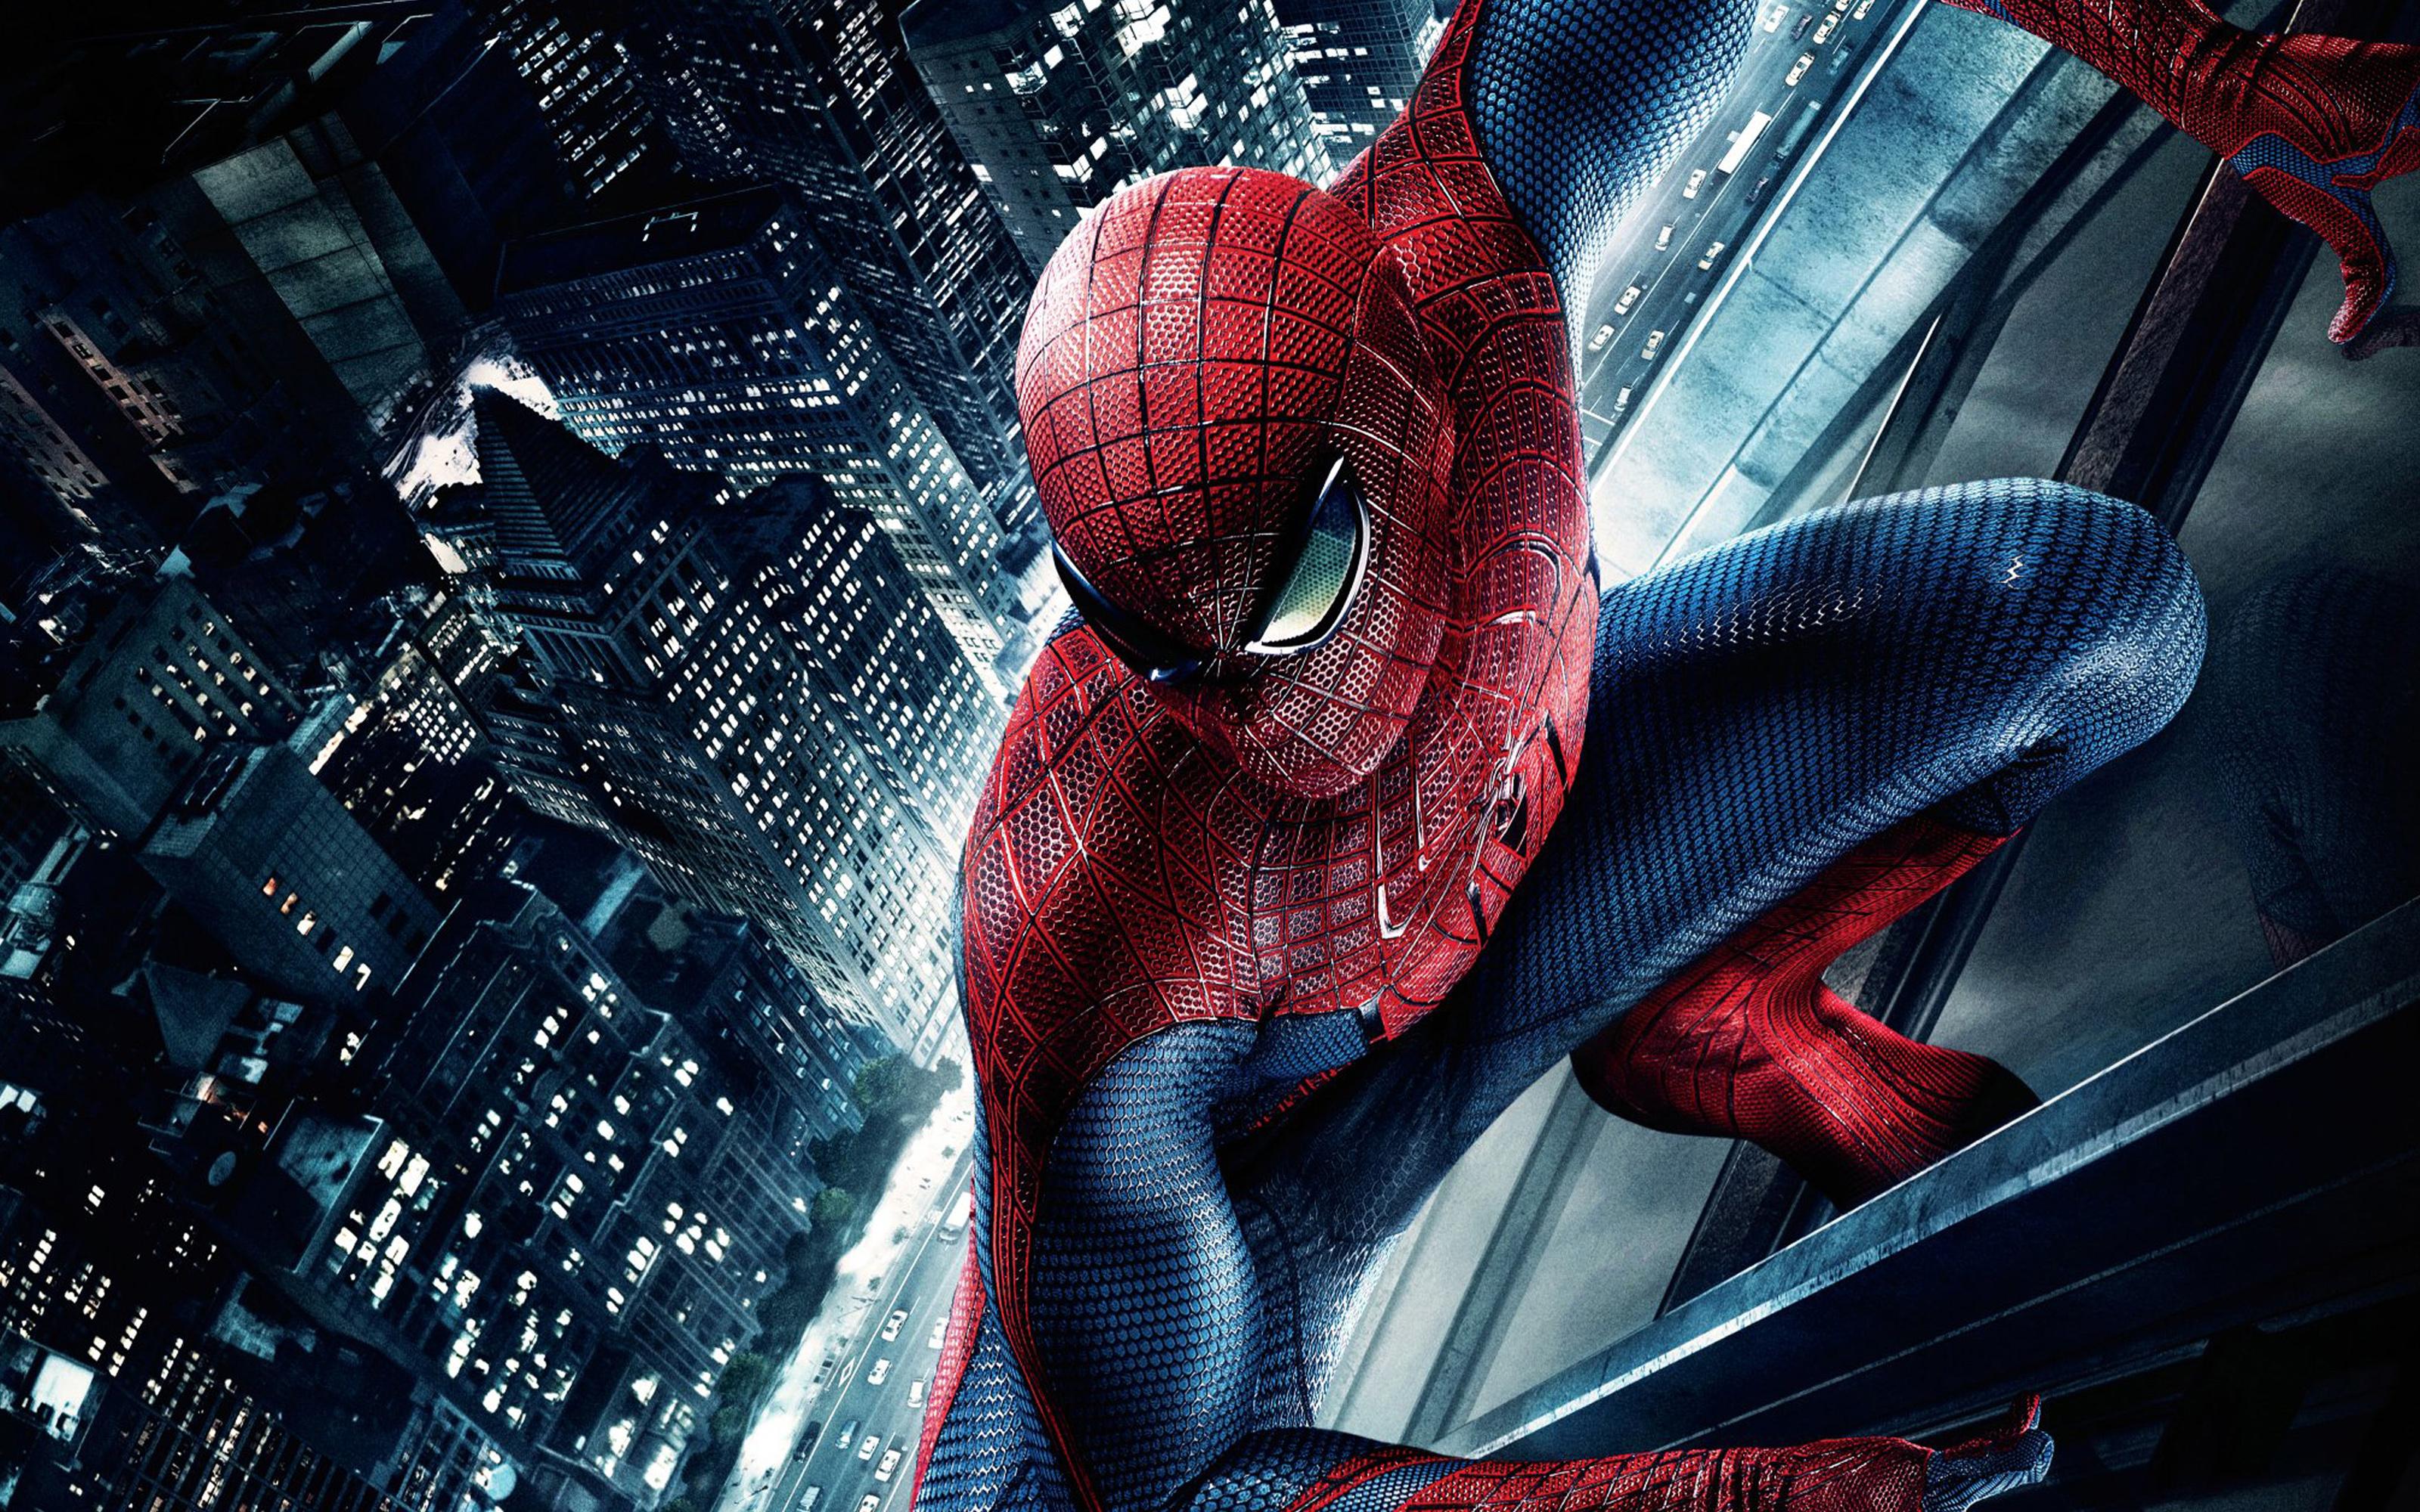 2012 Amazing Spider Man wallpaper